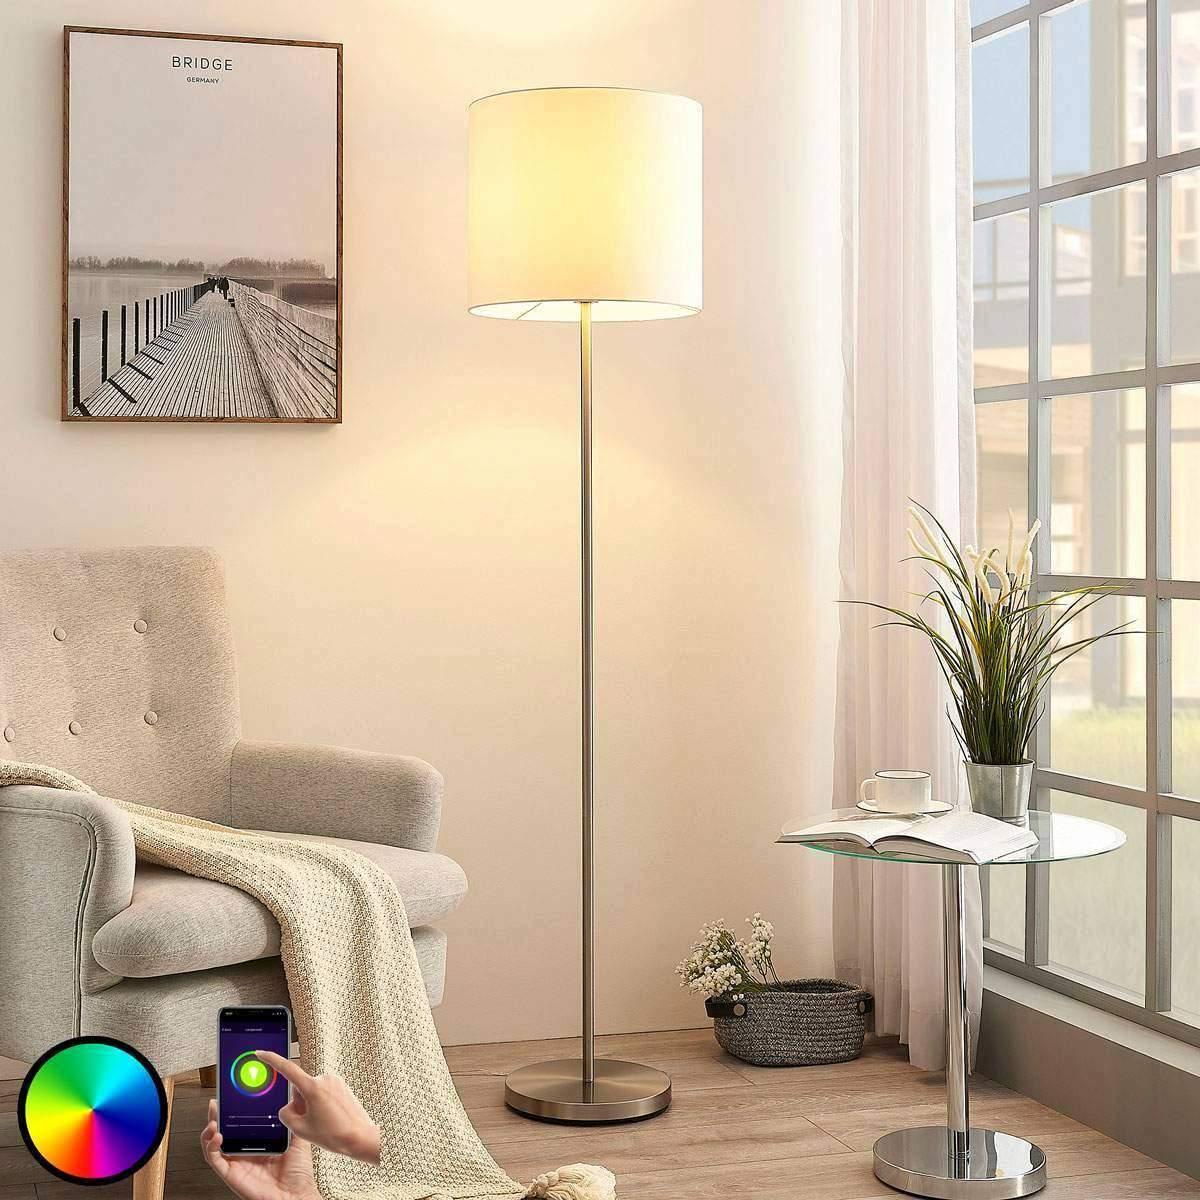 wohnzimmer industrial inspirierend 30 neu wohnzimmer industrial style of wohnzimmer industrial